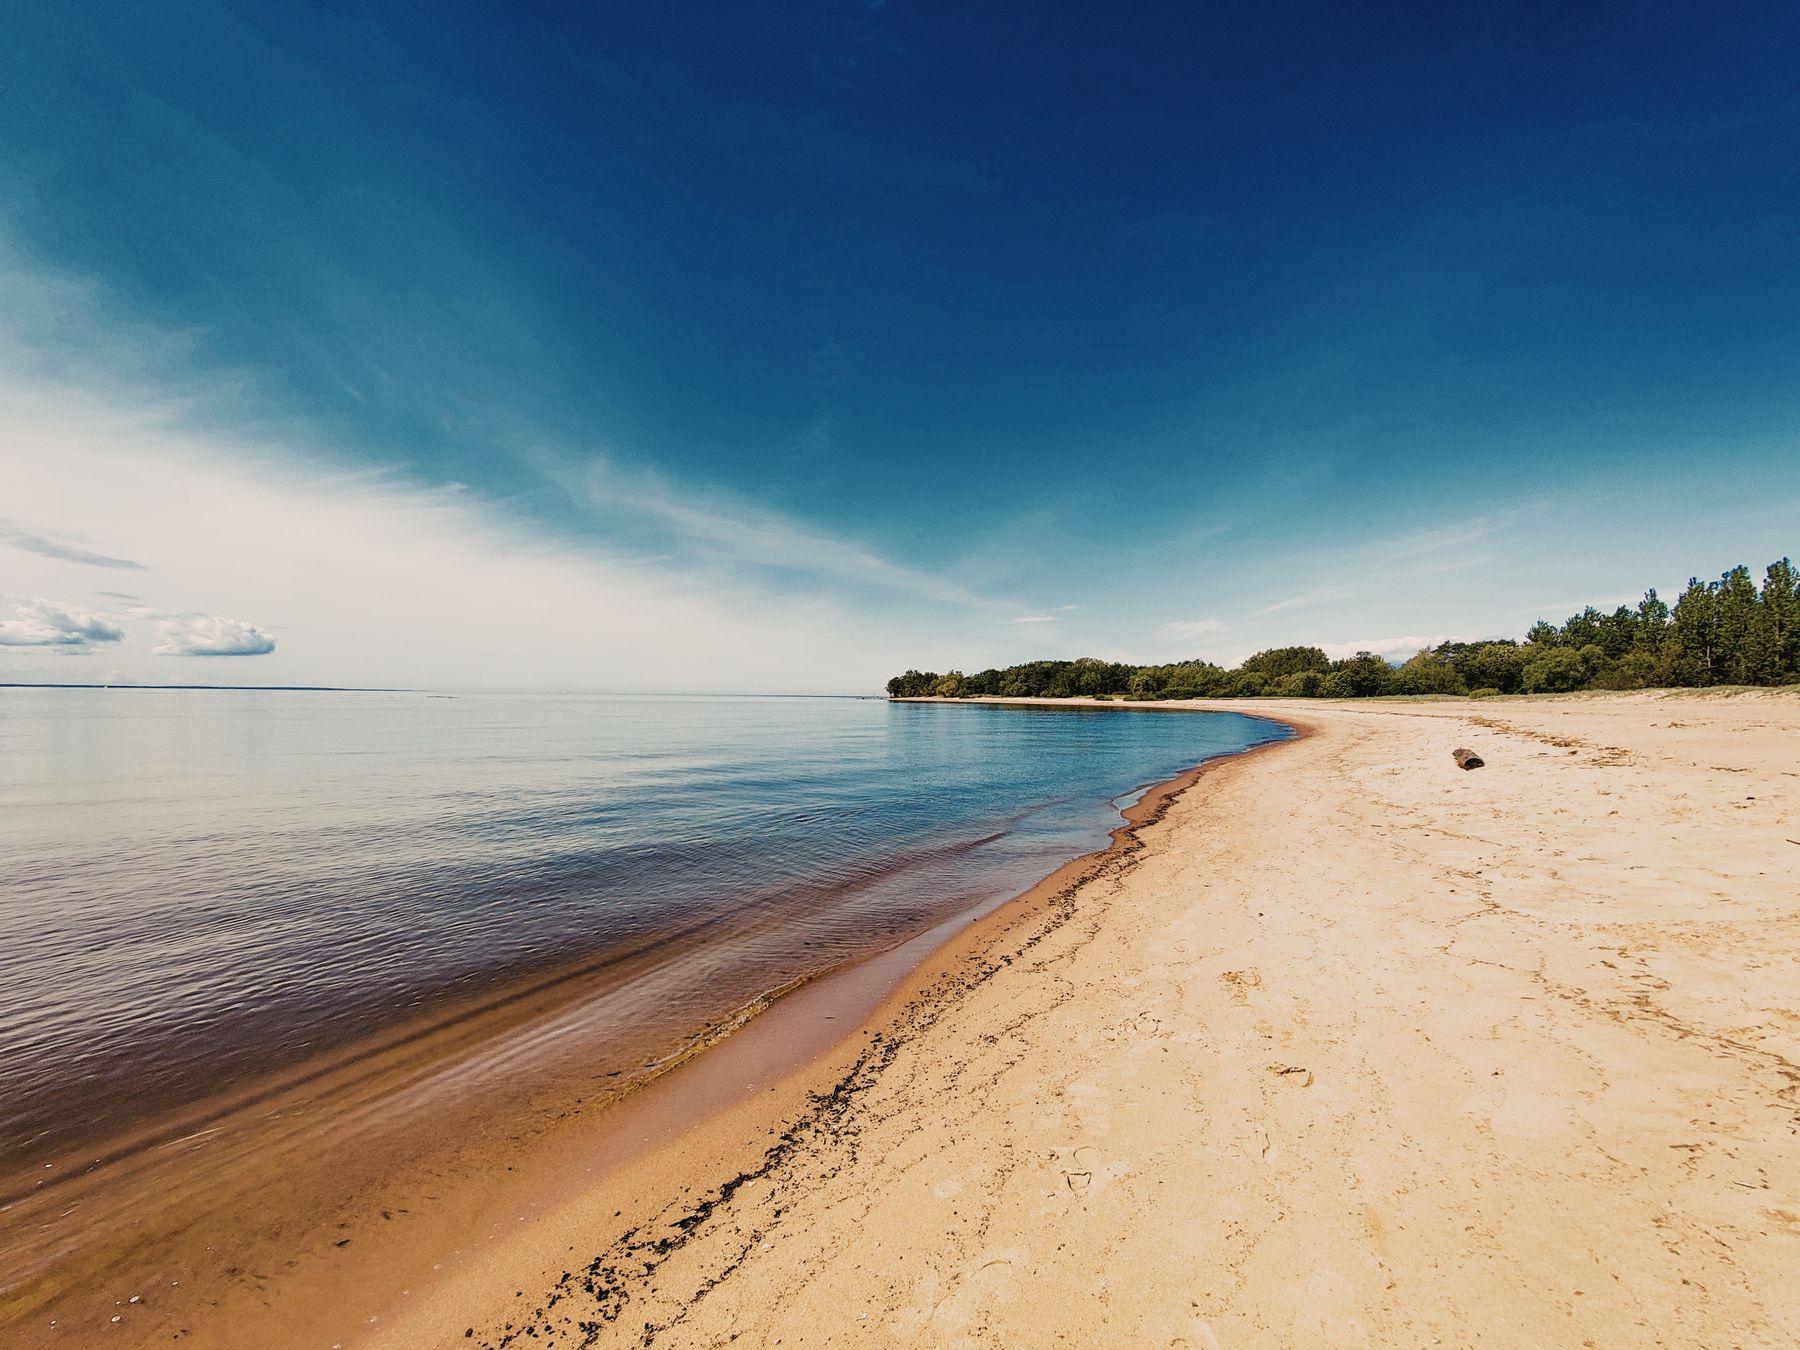 Котлин (free horizon) Финский залив природа пляж песок вода небо Западный Котлин